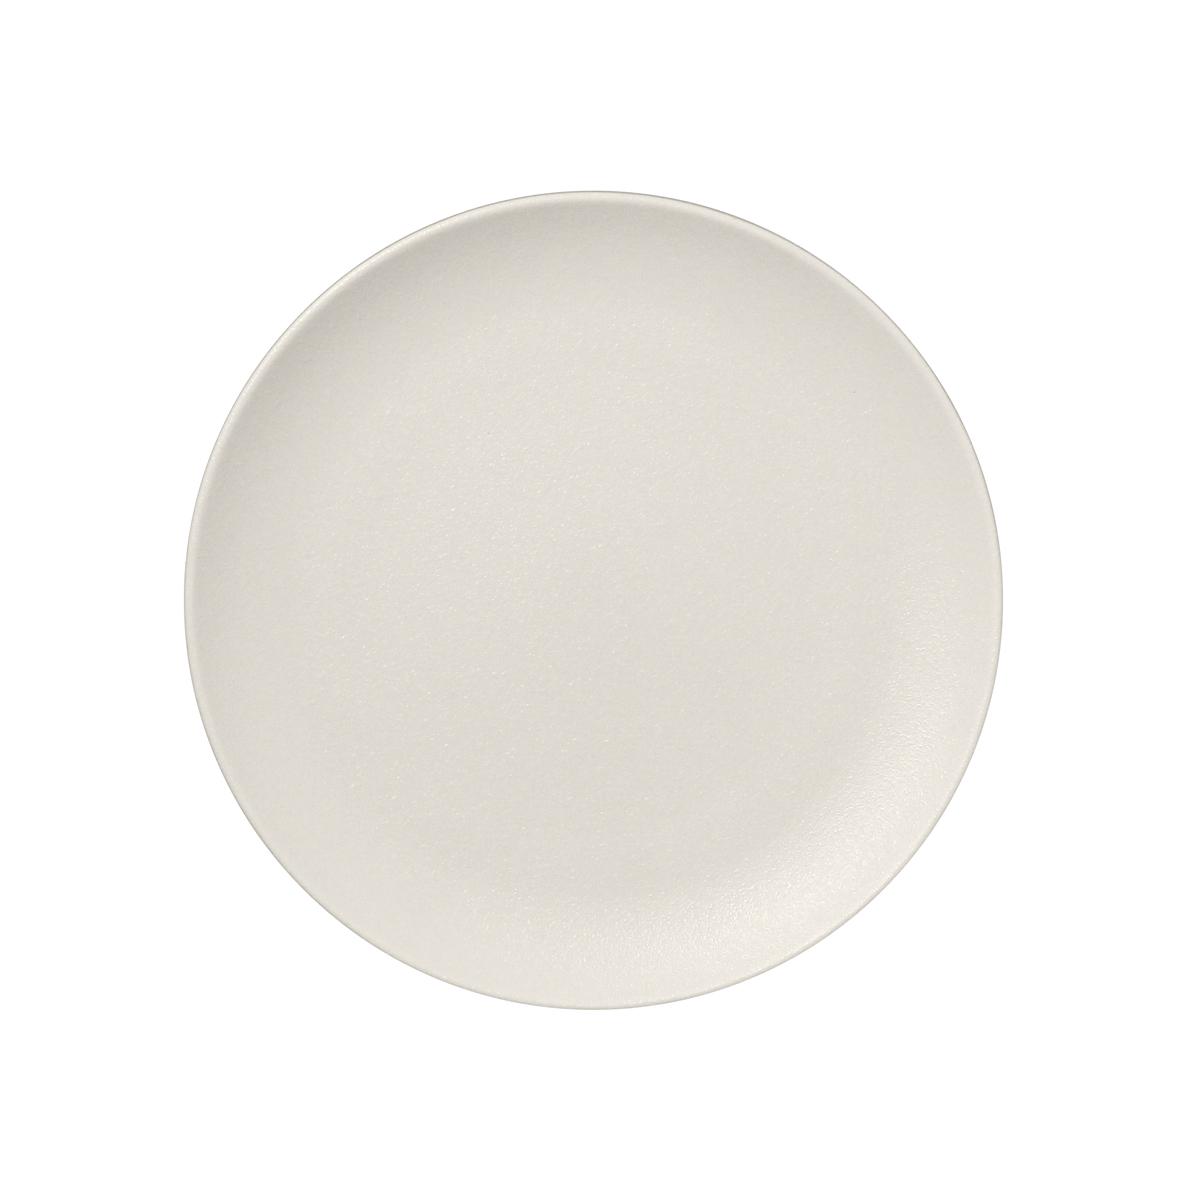 食洗機可 電子レンジ可 オーブン可 オーブン300℃対応 耐熱温度差150℃ 業務用 激安格安割引情報満載 耐久性 超特価 RA21001 21cm RAK 取り寄せ商品 NEOFUSIONネオフュージョン 5色 フラットプレート